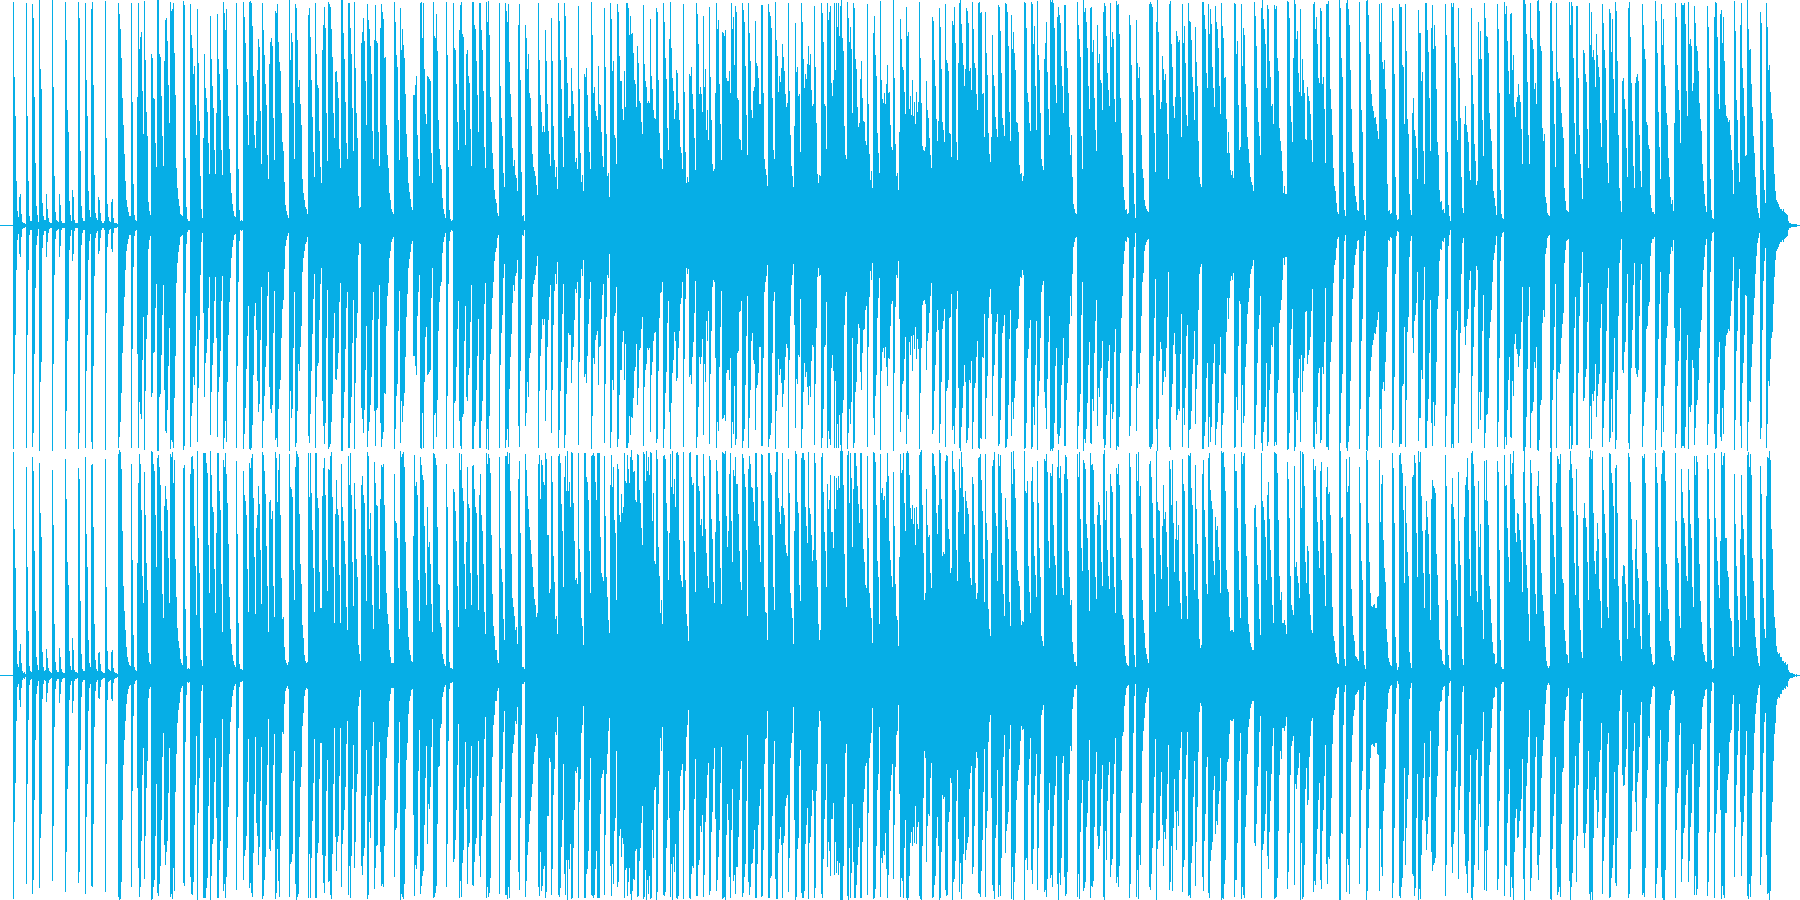 ゲームやアニメに適したのどかで明るい楽曲の再生済みの波形